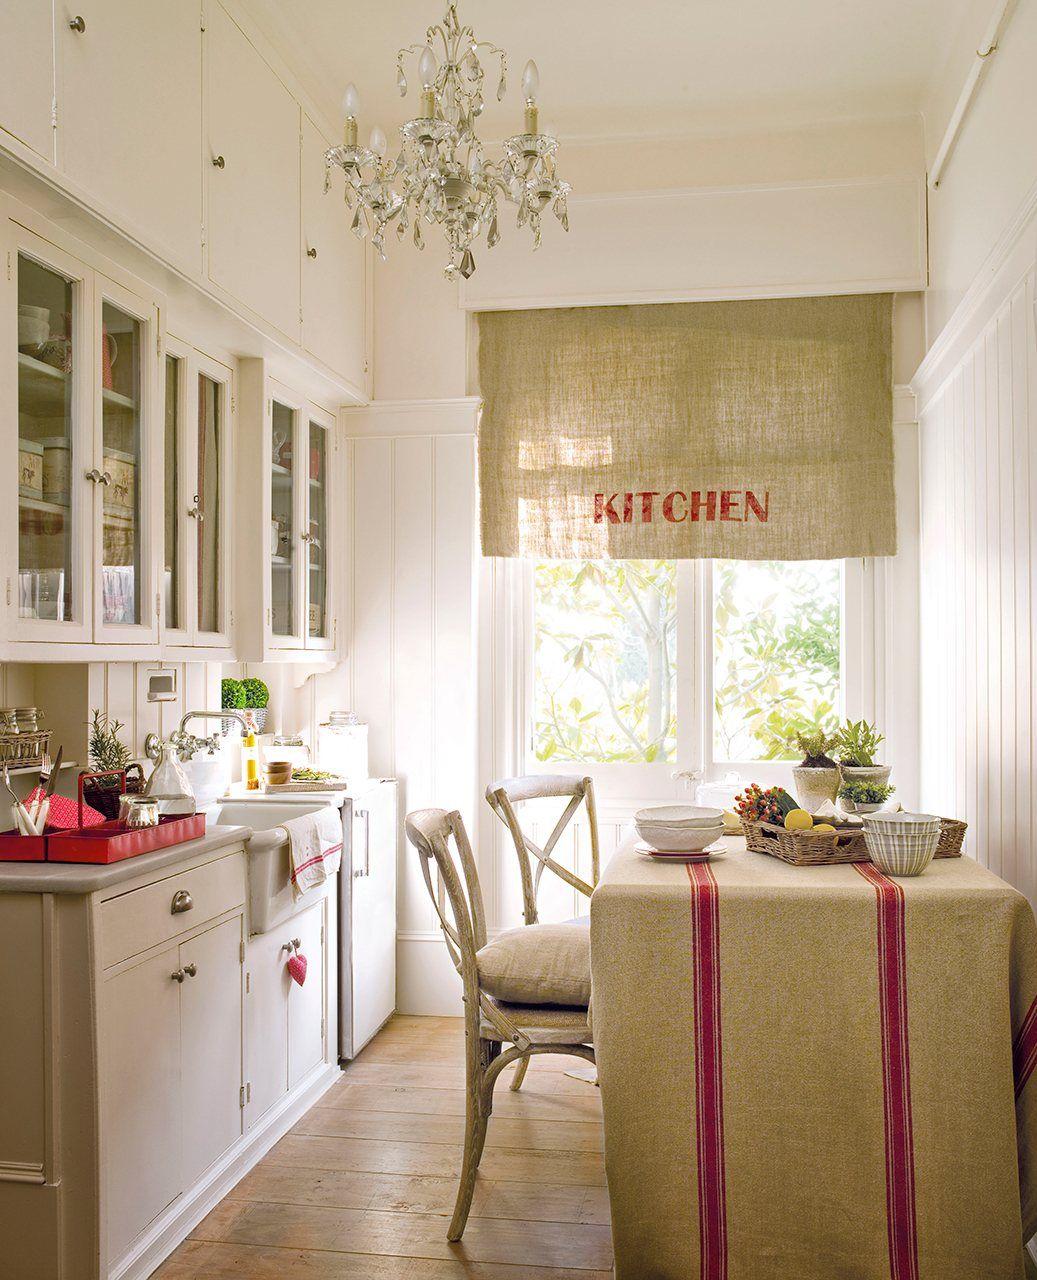 Ideas para renovar el office sin hacer obras elmueble - Renovar cocinas sin obras ...